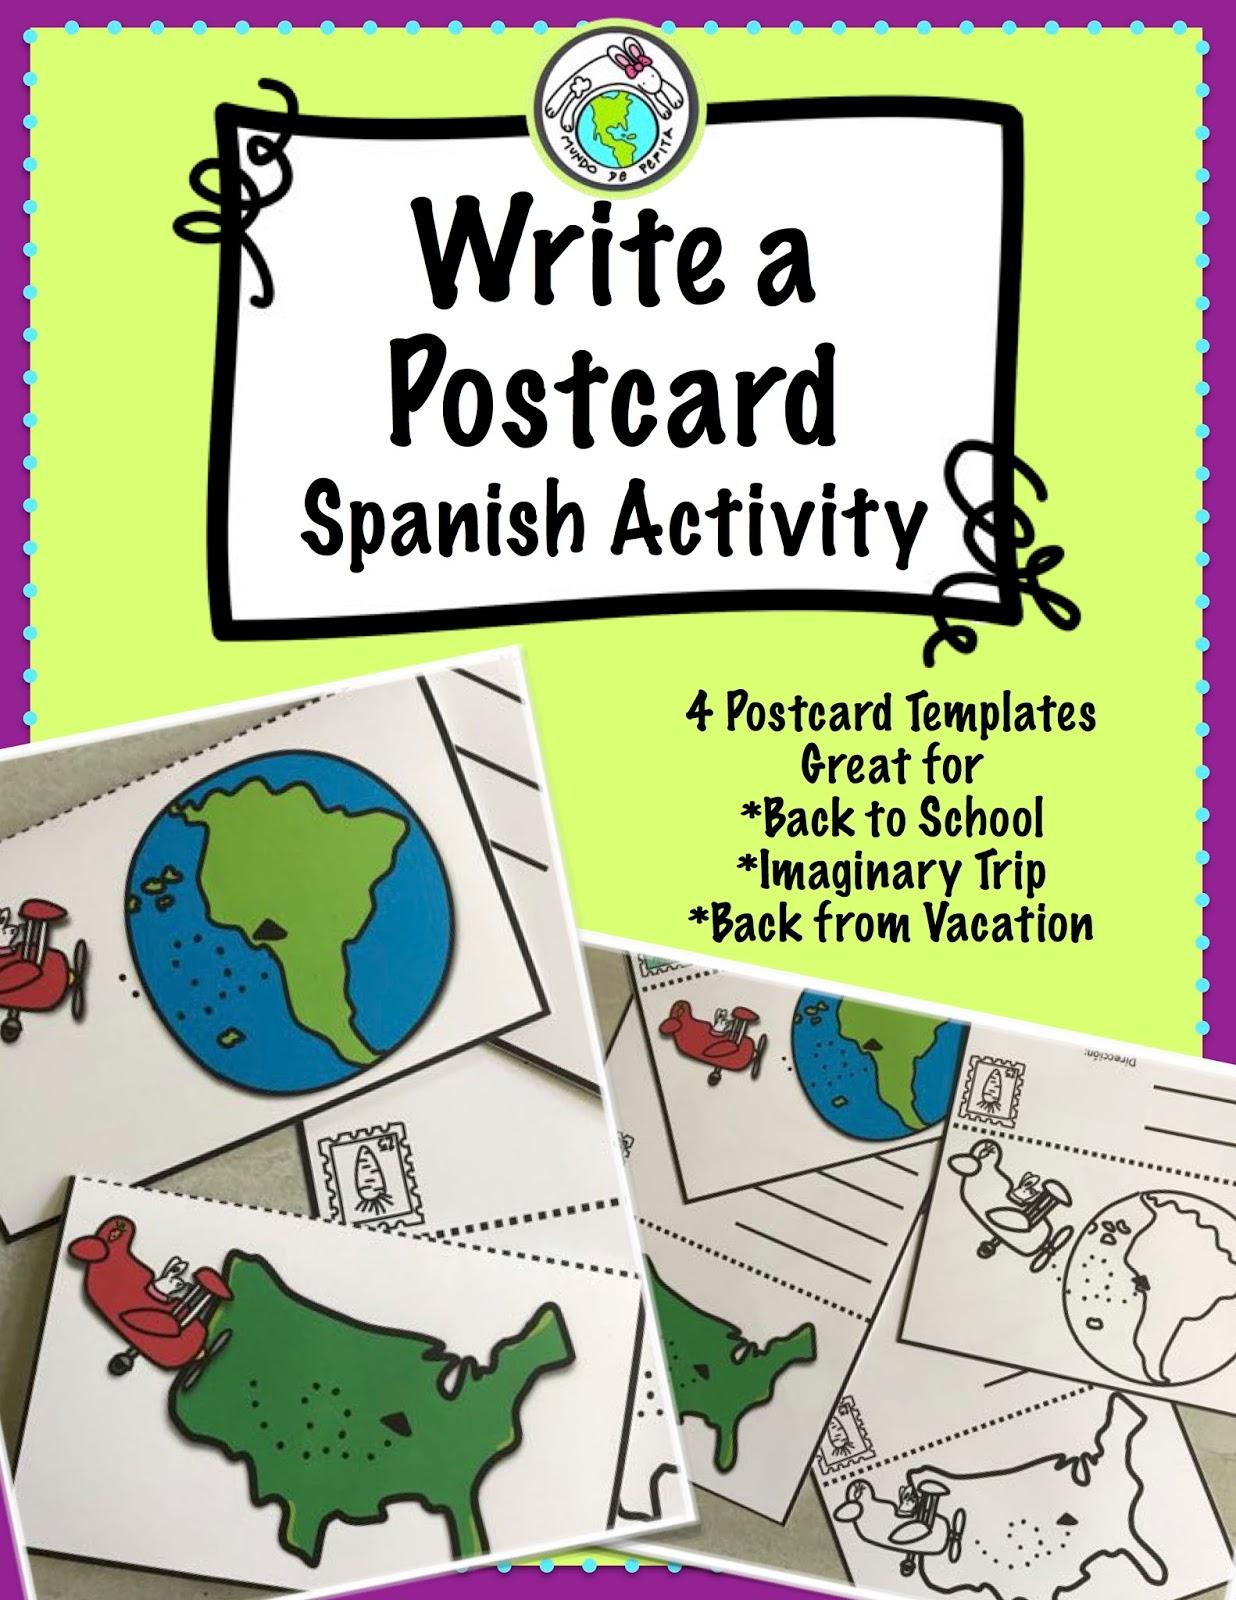 Spanish Postcard Letter.?